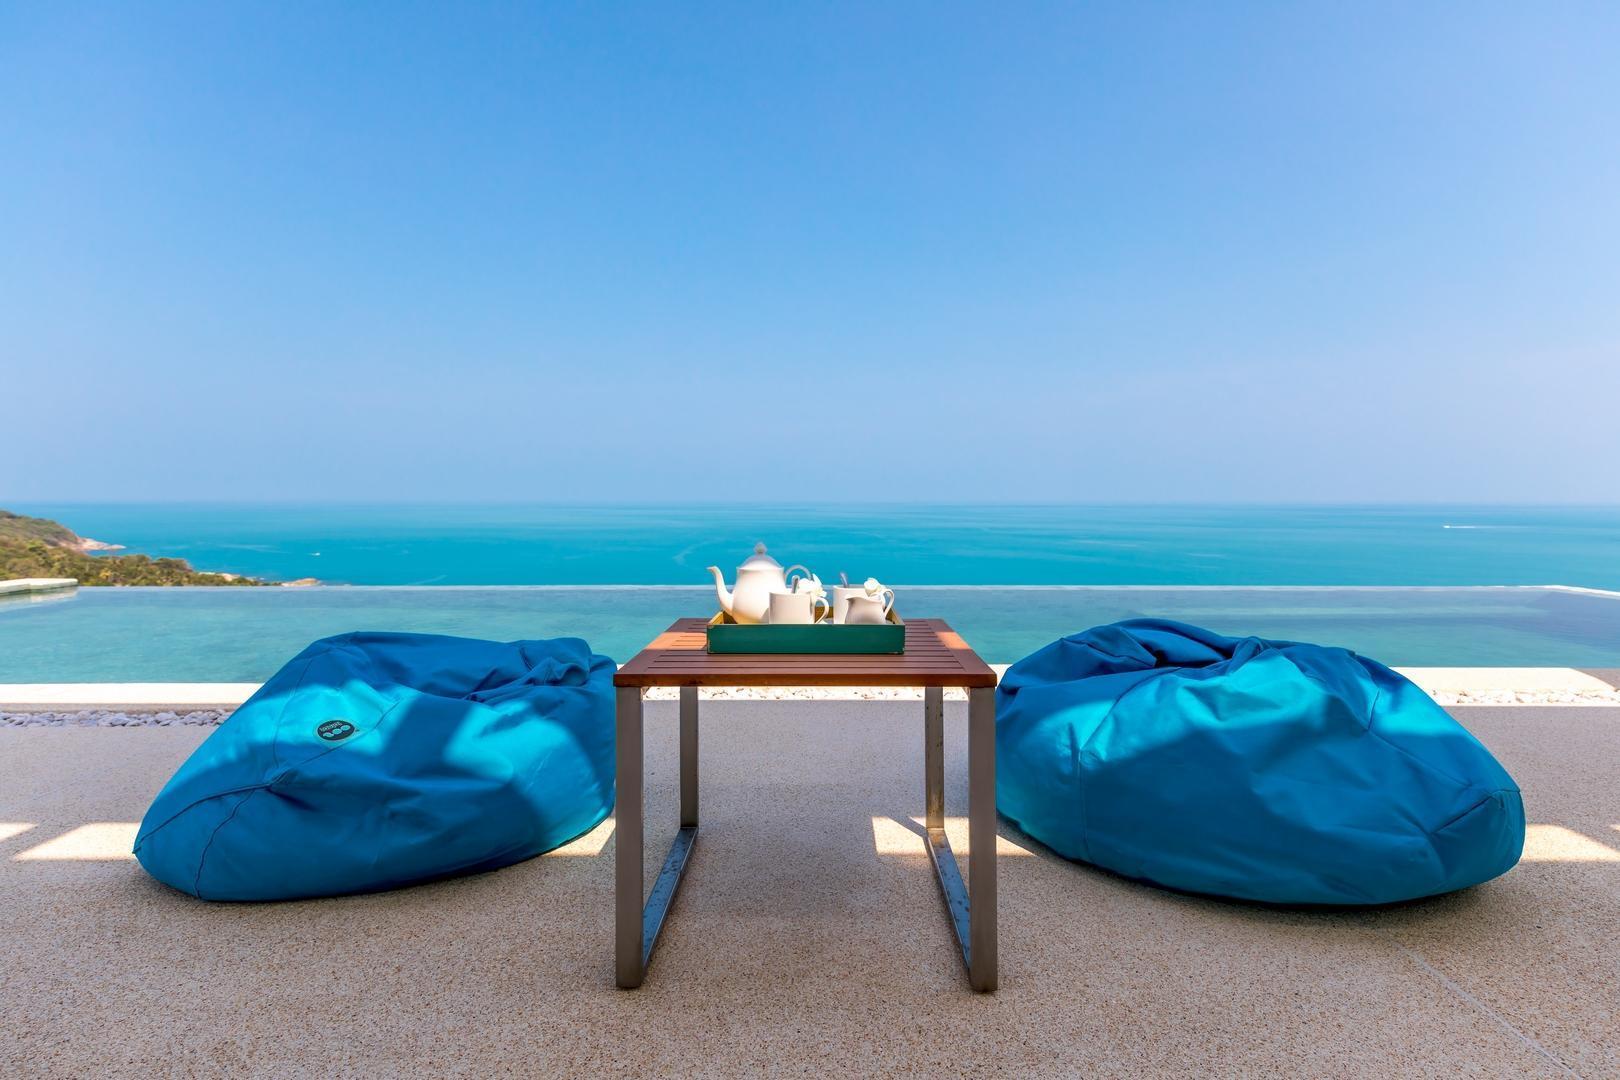 Turquoise Villa 2绿松石别墅2号 วิลลา 3 ห้องนอน 4 ห้องน้ำส่วนตัว ขนาด 800 ตร.ม. – เชิงมน